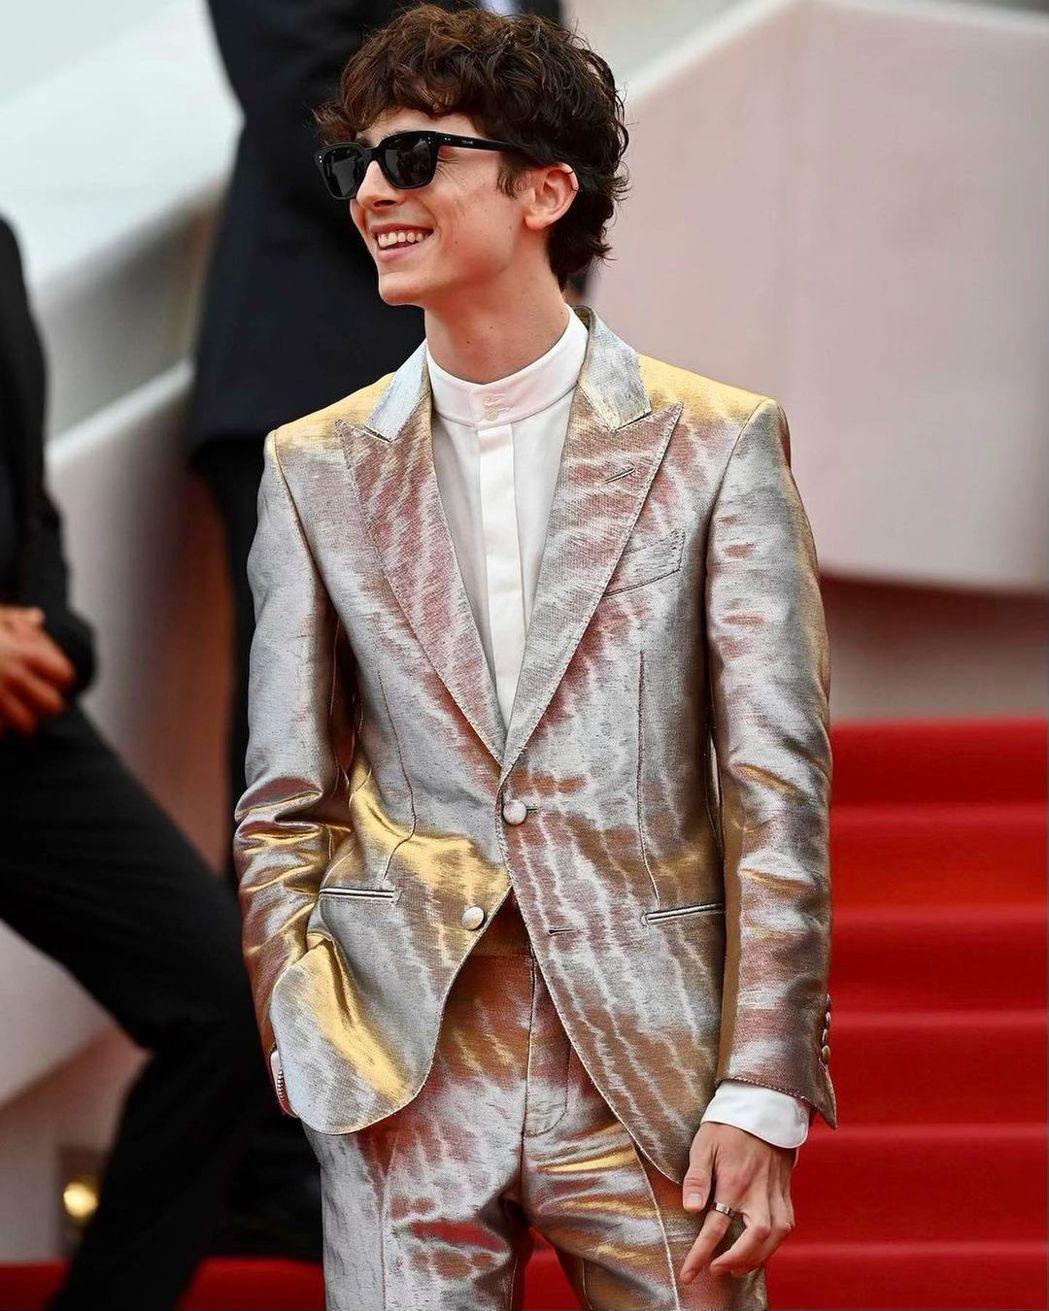 「甜茶」提摩西夏勒梅穿著銀色西裝成為紅毯第一帥。圖/摘自提摩西夏勒梅IG